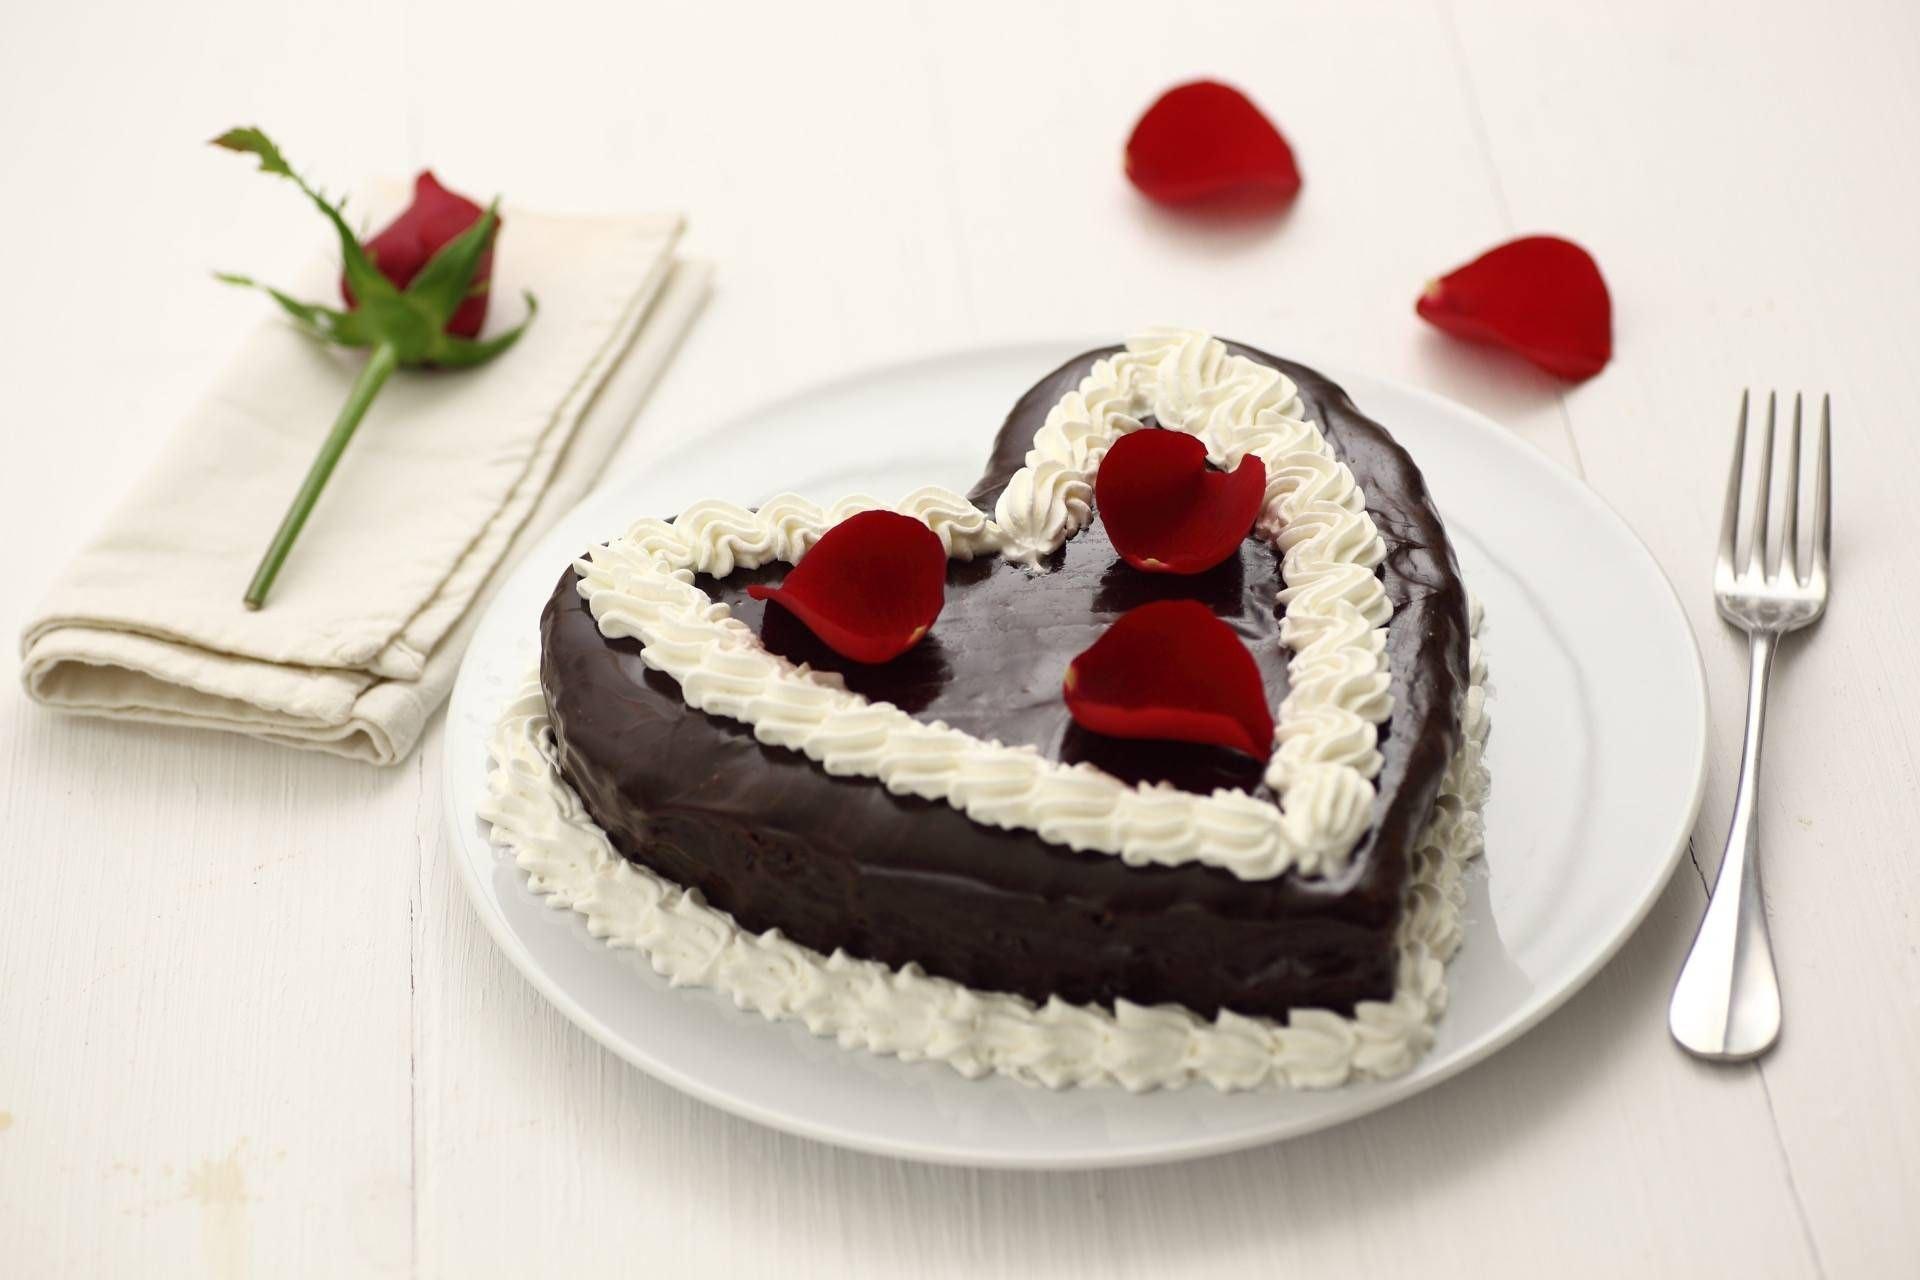 Cuore di San Valentino al cioccolato - Parmalat